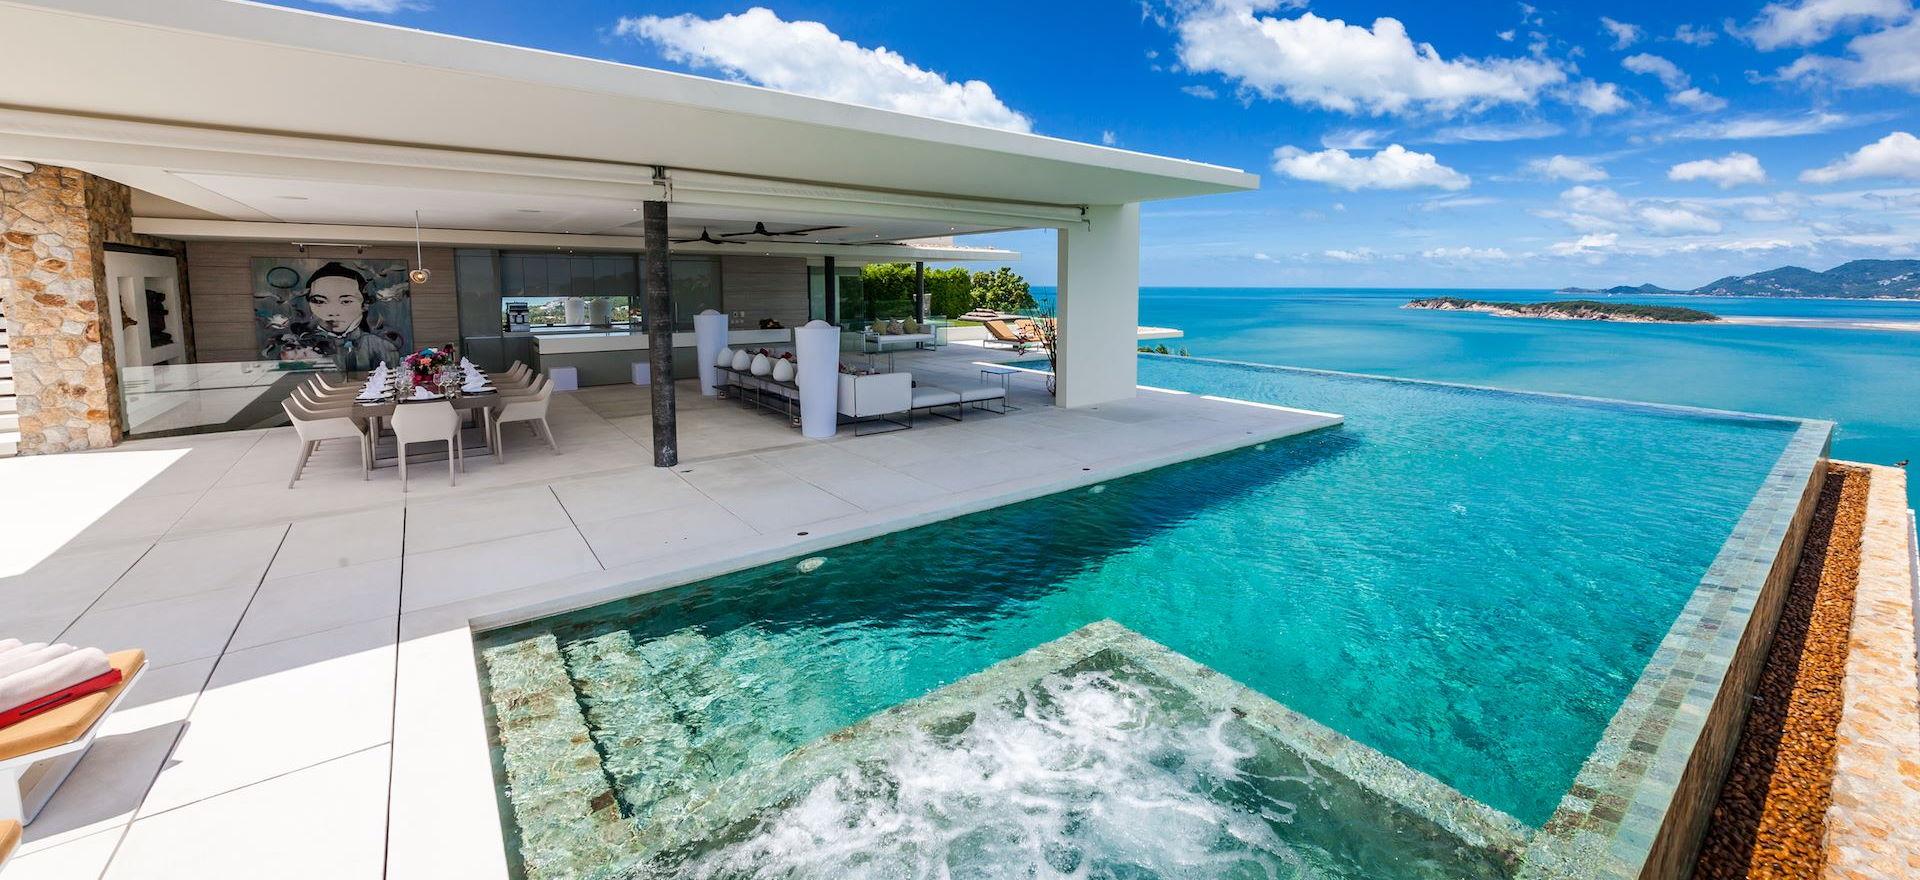 Real Estate Koh Samui - Property for sale - Doctor Property